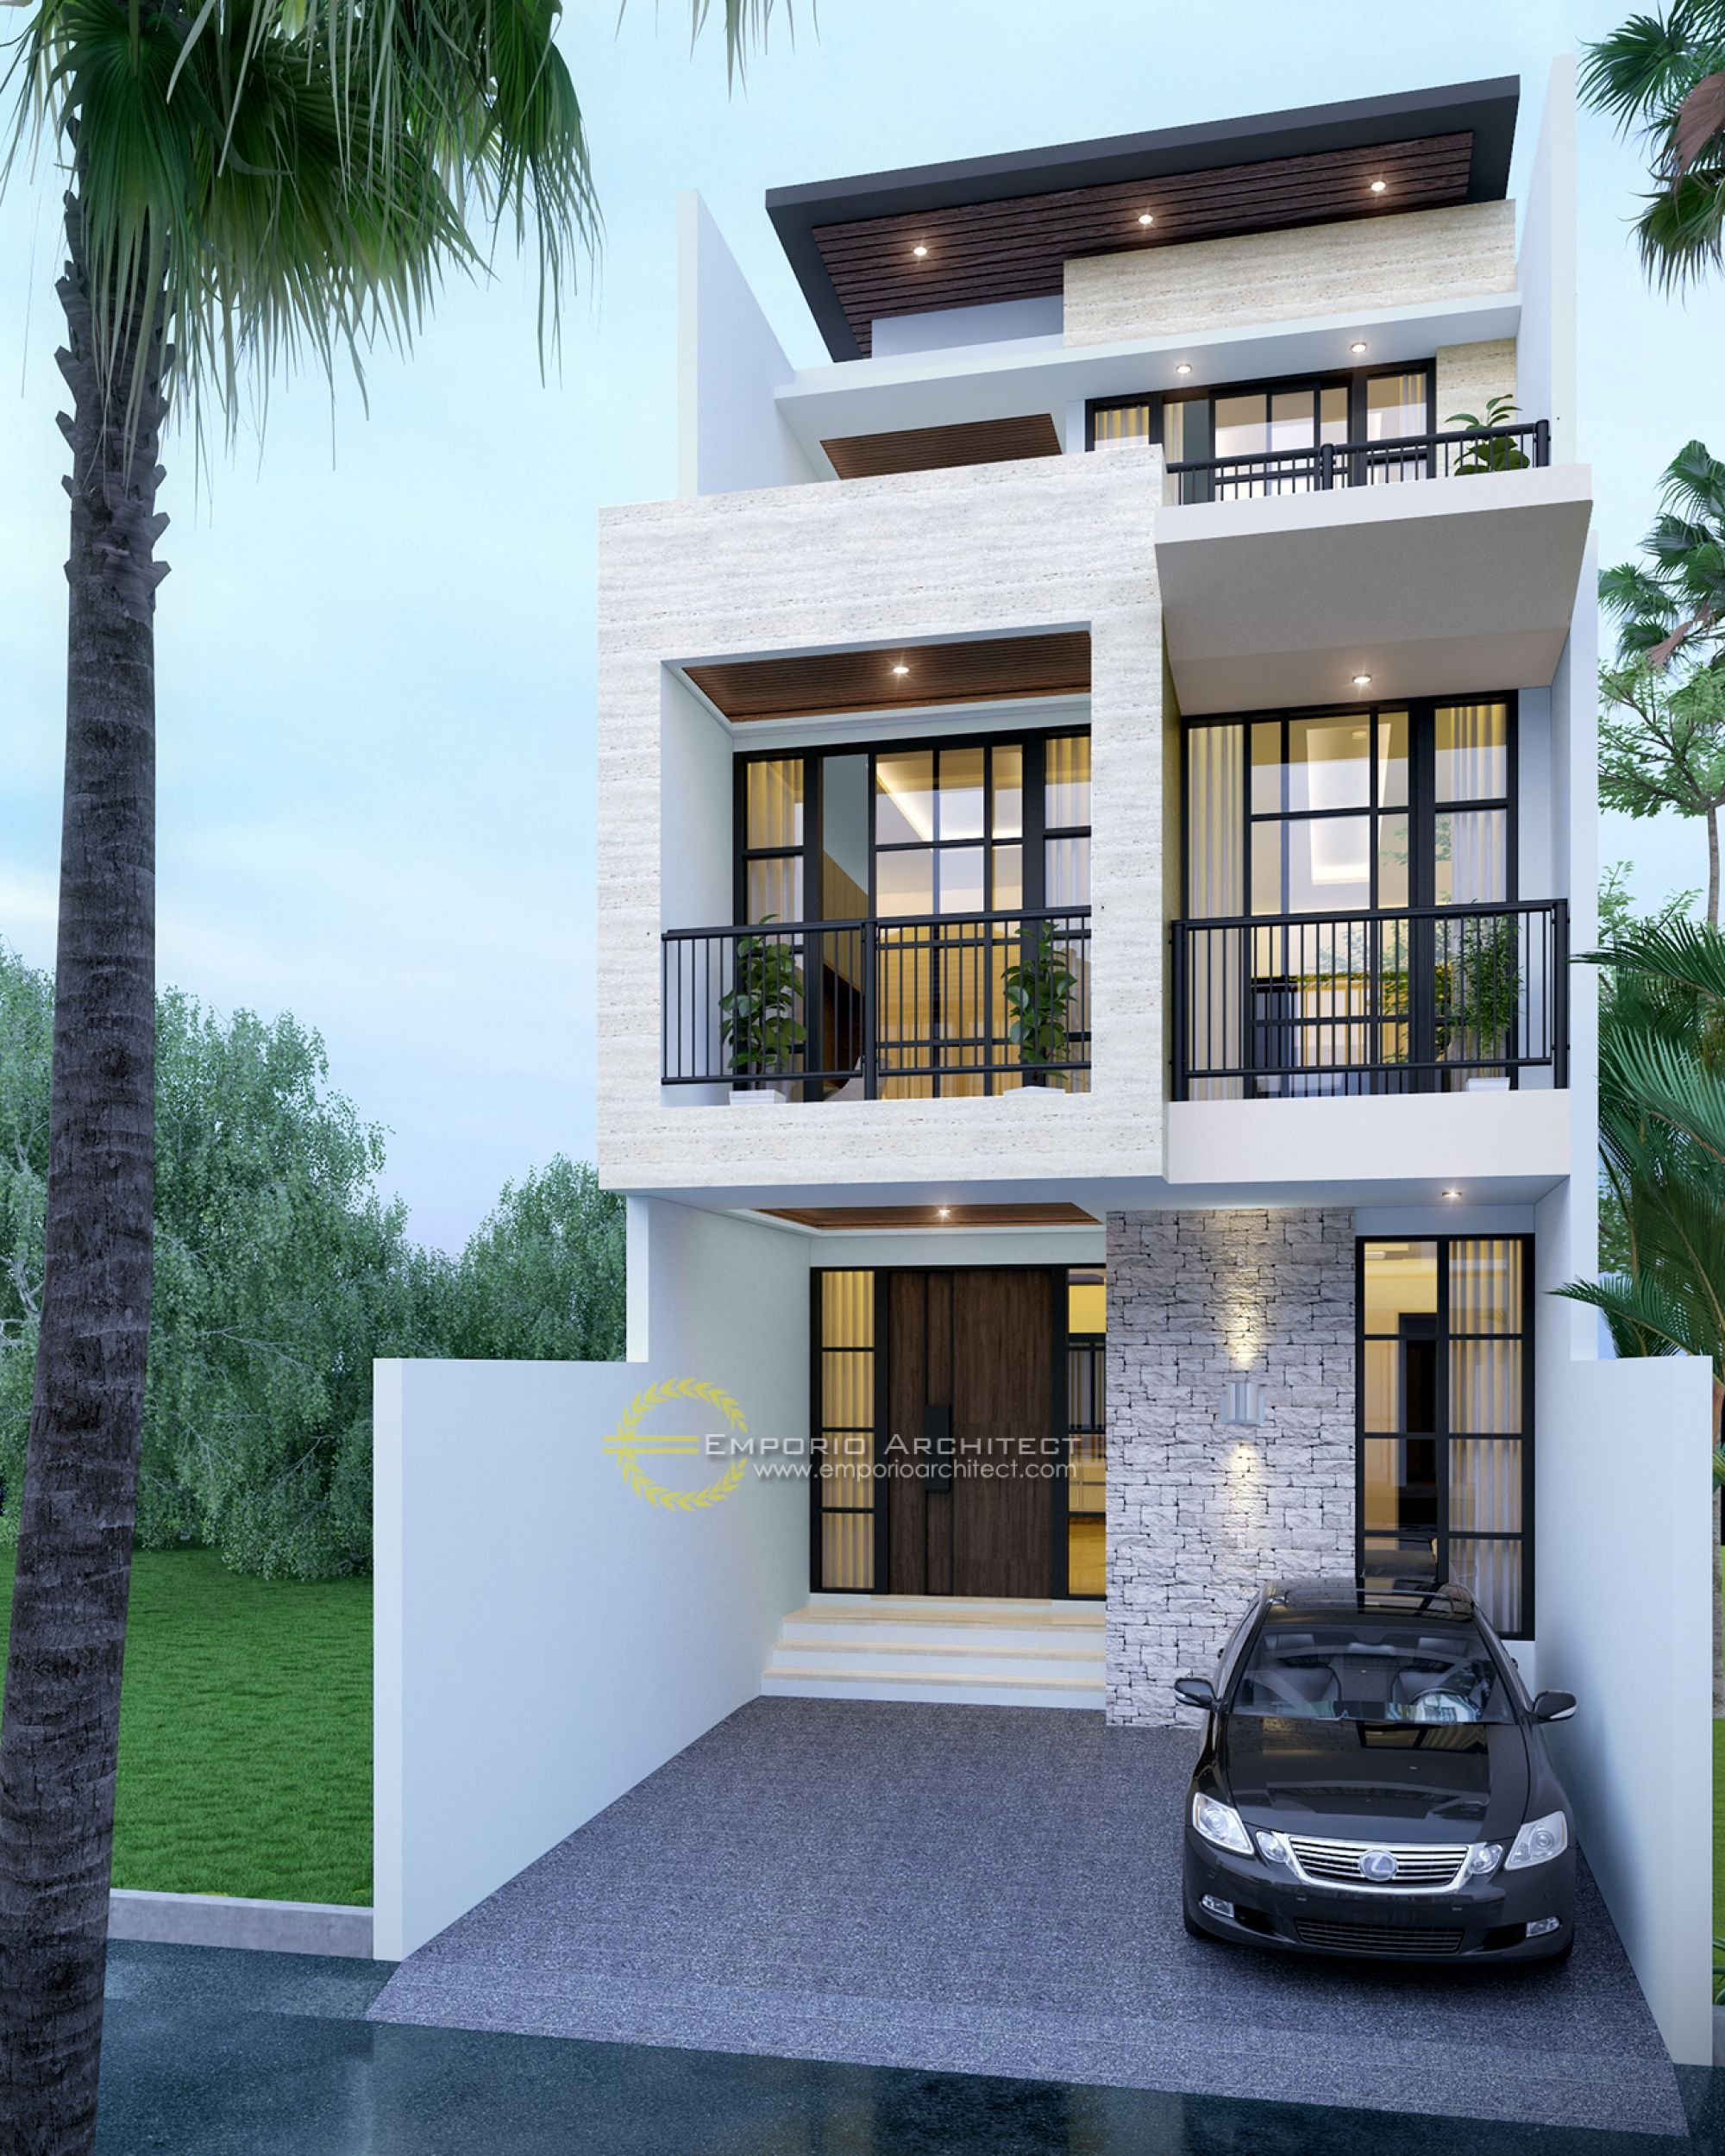 Jasa Arsitek Desain Rumah Bapak Alvin Sunter Jakarta Jasa arsitek ...